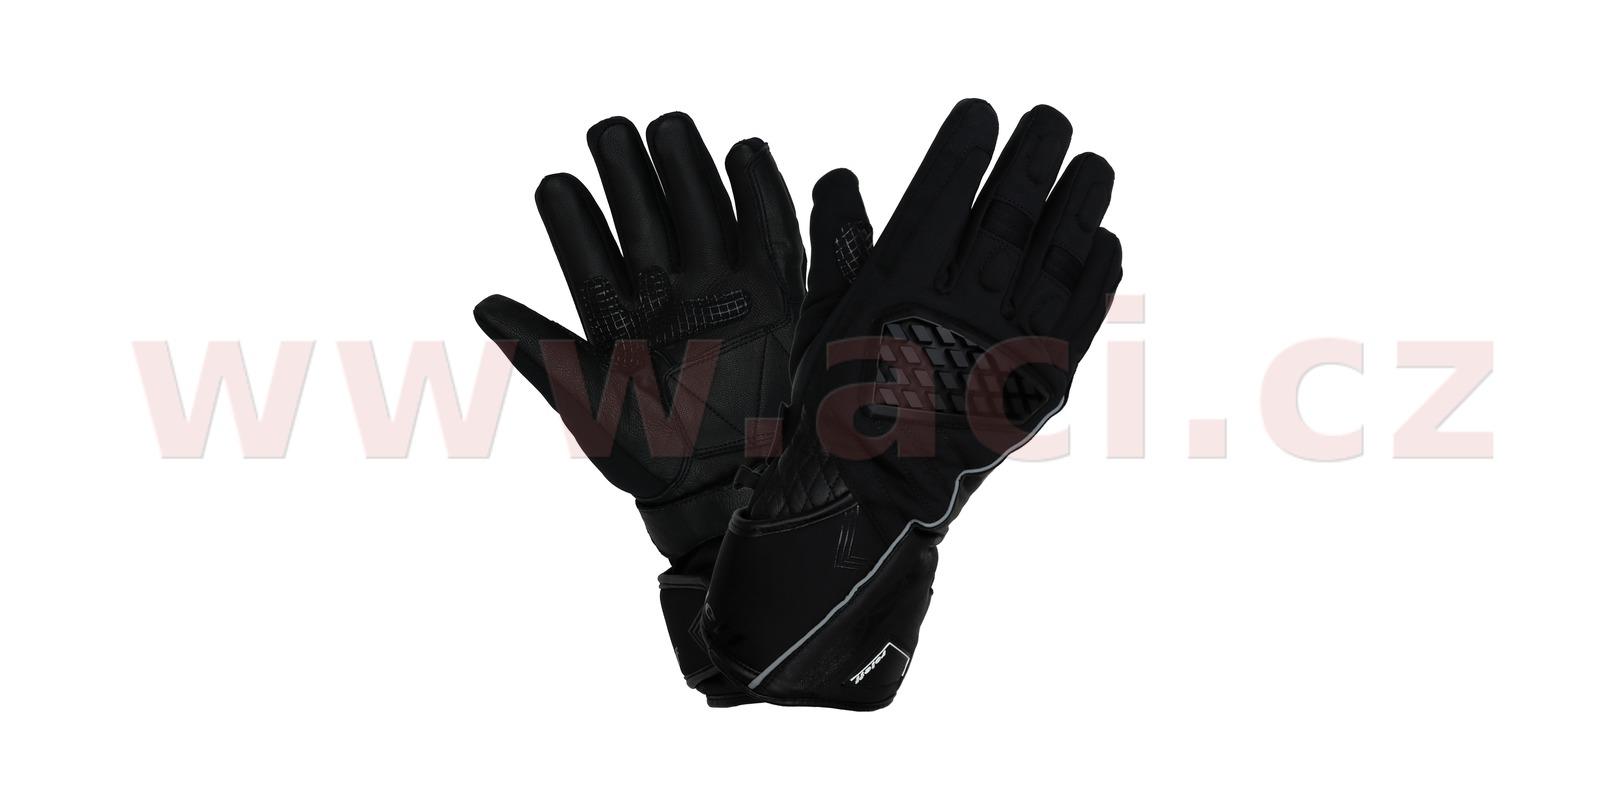 rukavice Garmisch, ROLEFF (černé)